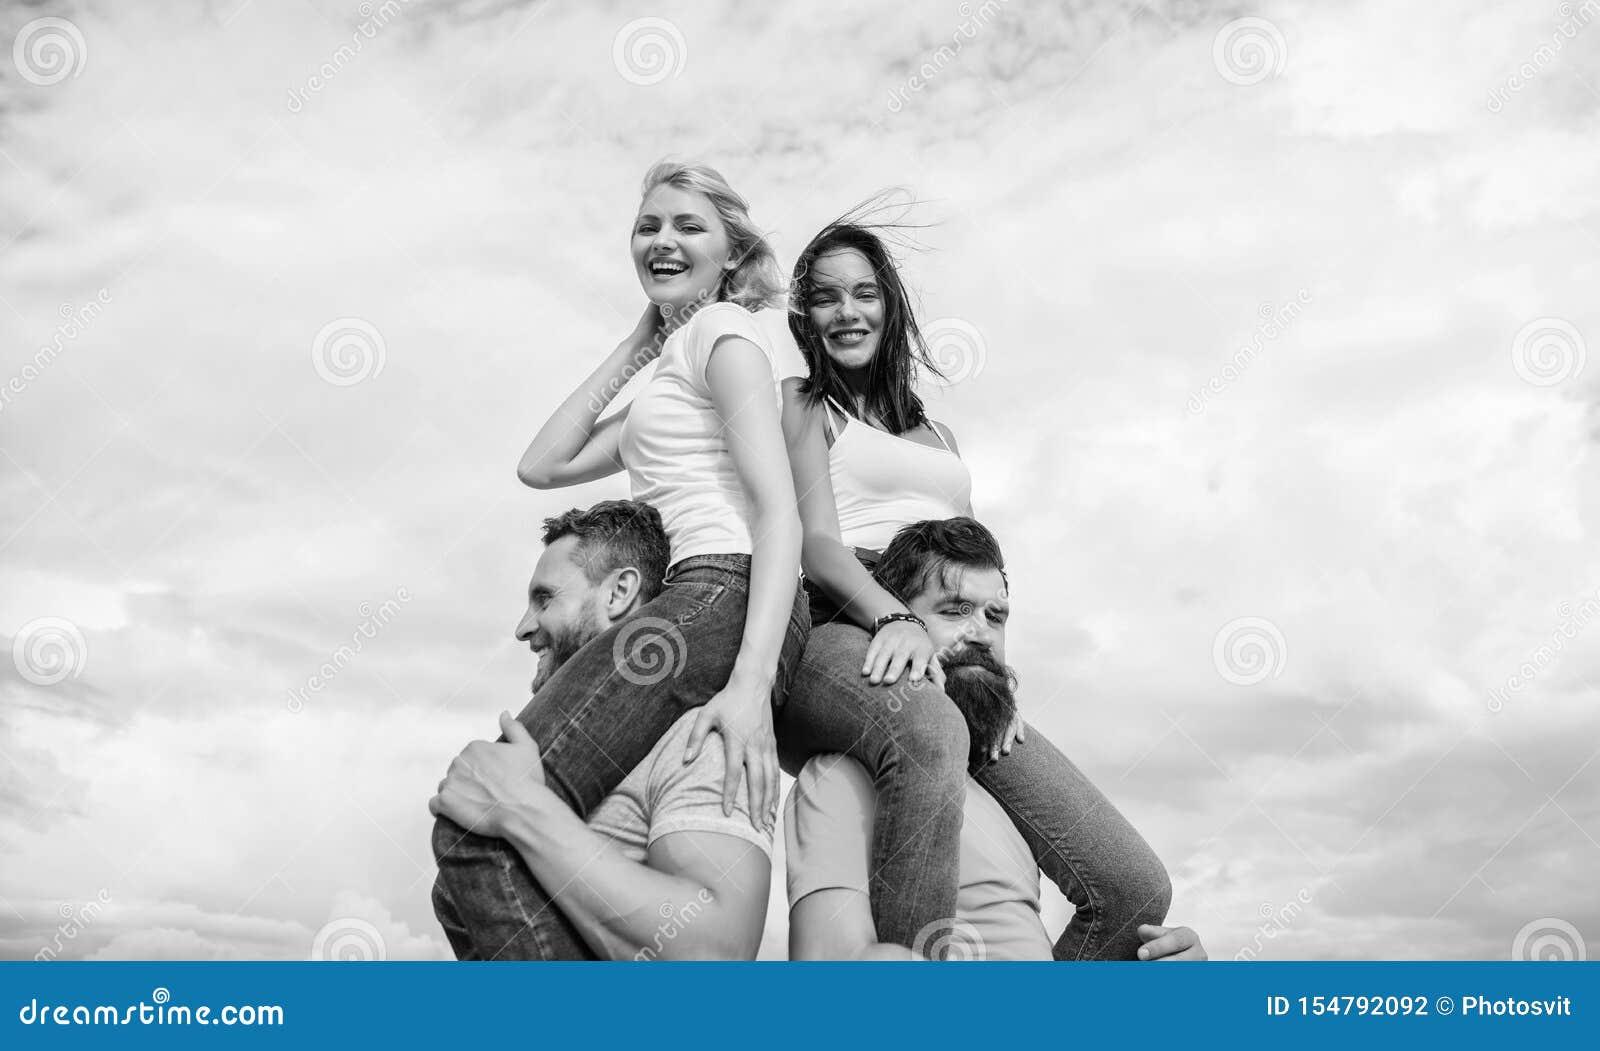 Los hombres llevan a novias en hombros Vacaciones y diversi?n de verano Pares fecha doble Invitaci?n de otros pares que se unan a